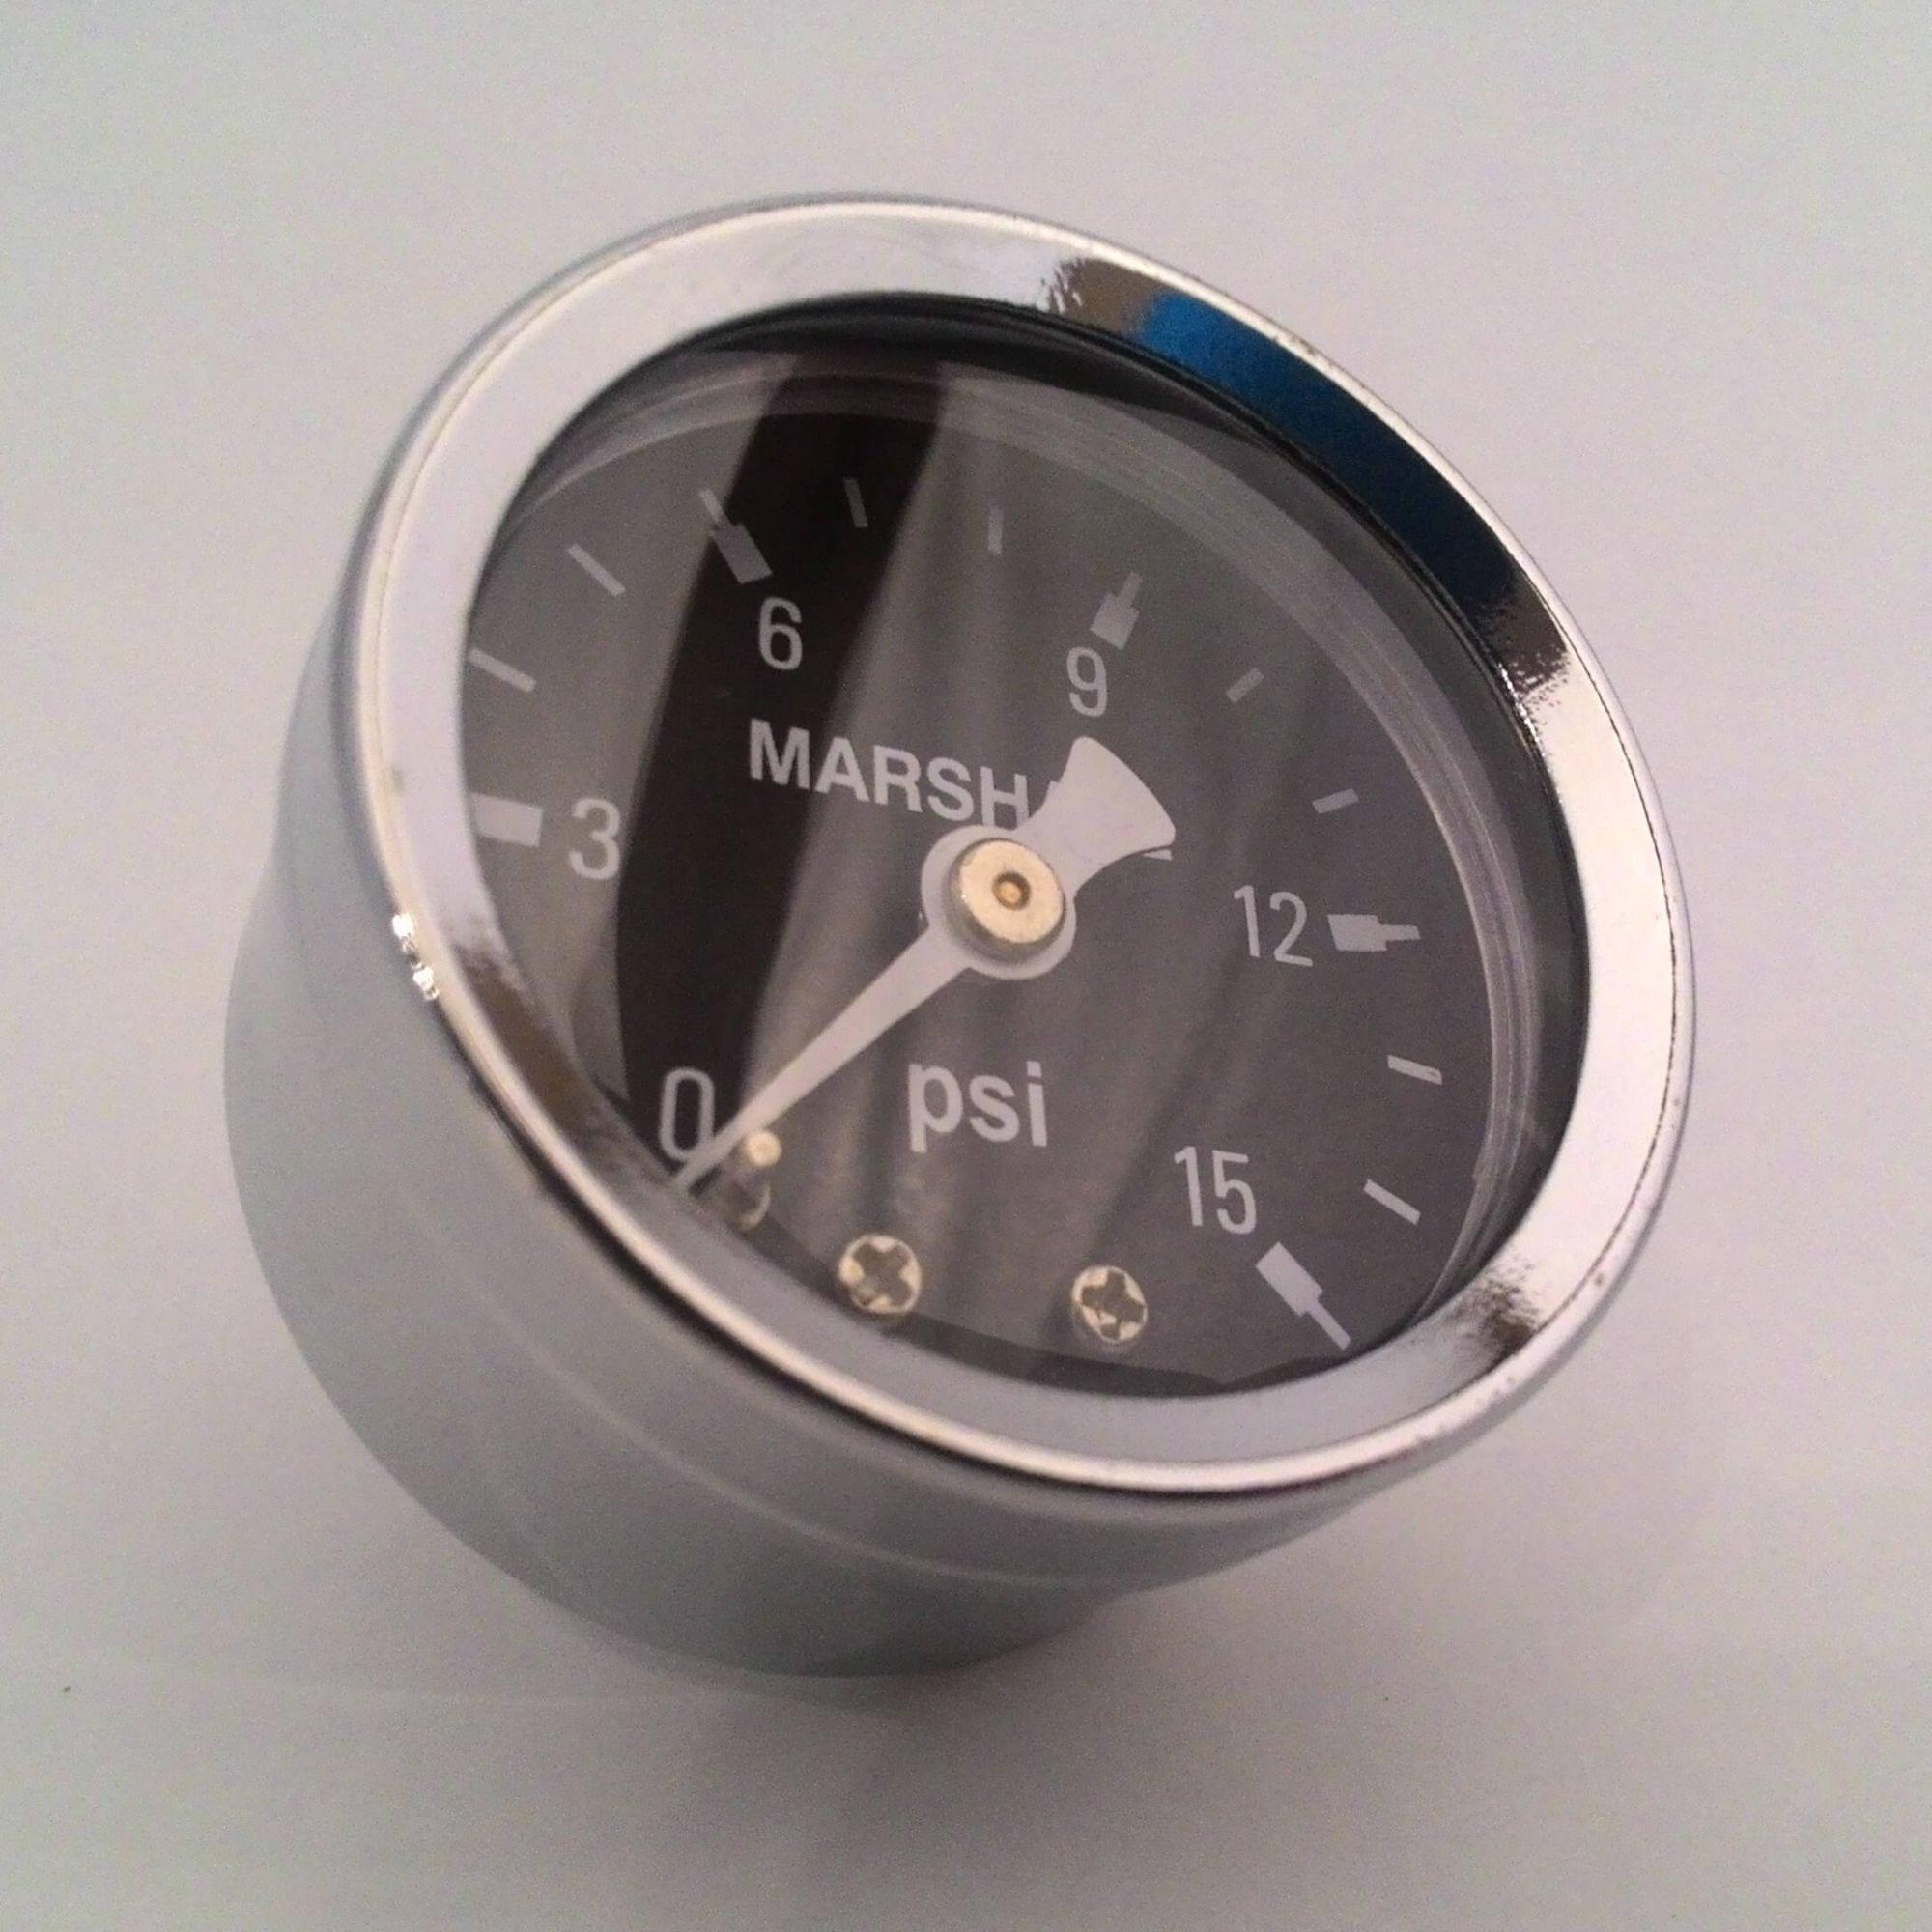 Manômetro para Linha de Combustível - 15 PSI - Preto - CHM  - PRO-1 Serious Performance